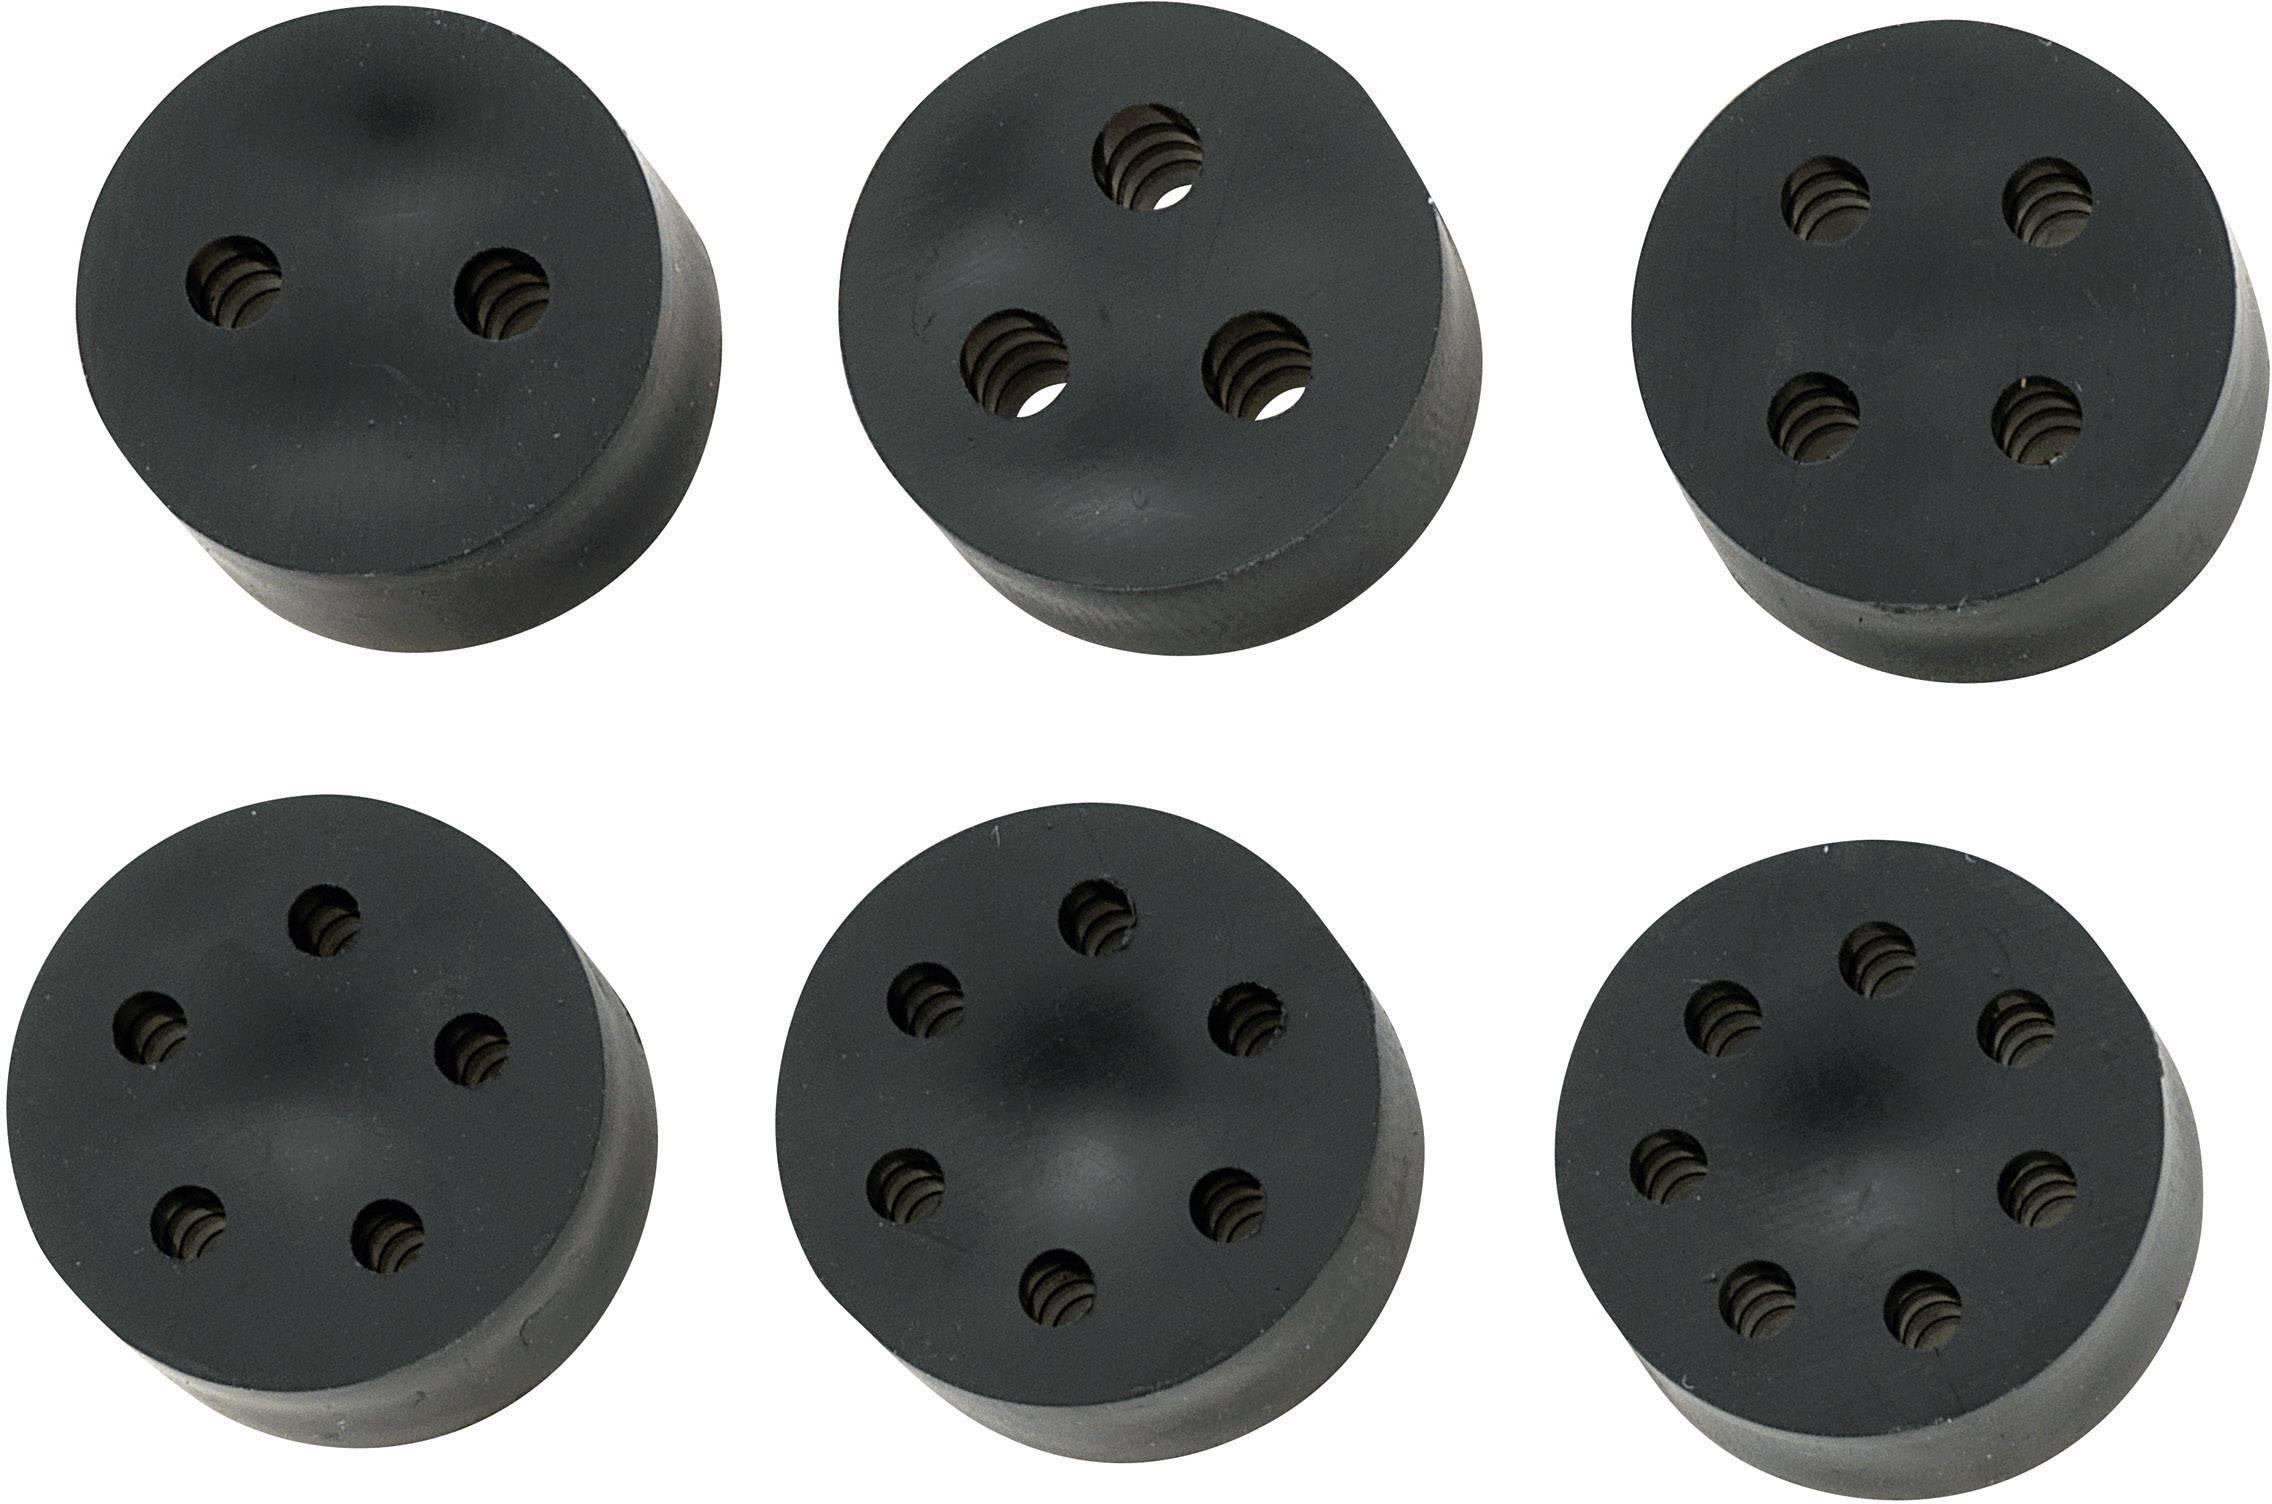 Tesniaca vložka s viacerými priechodmi KSS MH23-2F, M25, guma, 1 ks